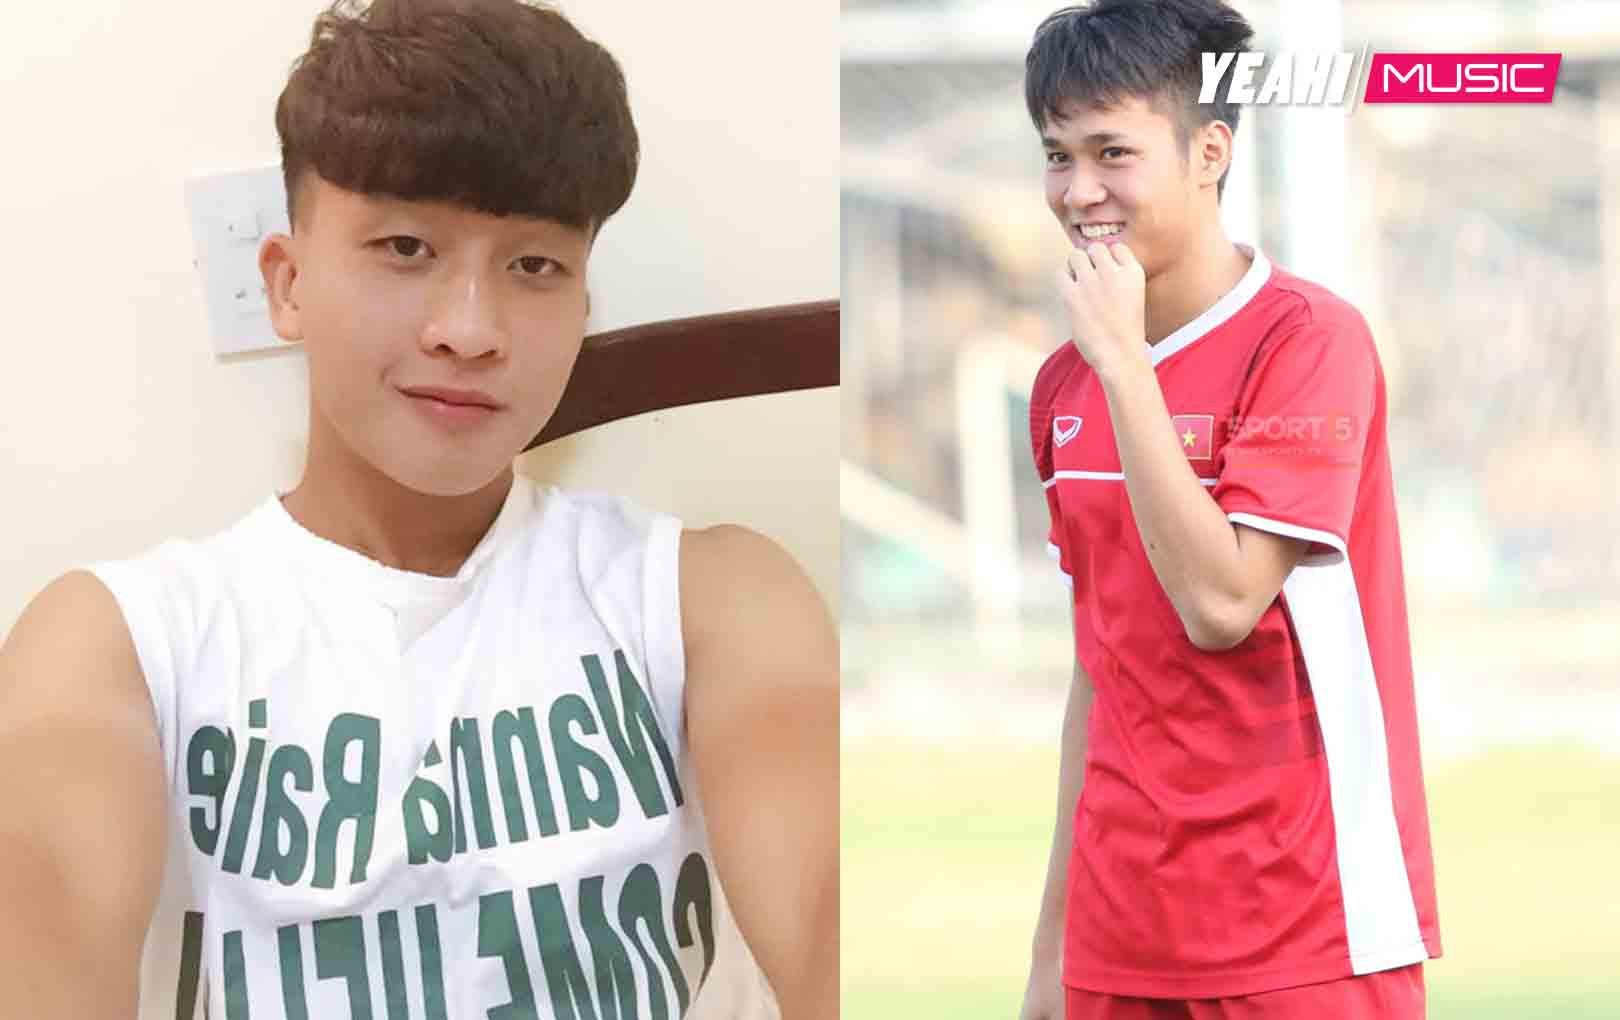 Danh tính 2 chàng cầu thủ điển trai đang được tìm kiếm nhiều nhất sau trận ra quân của U22 Việt Nam